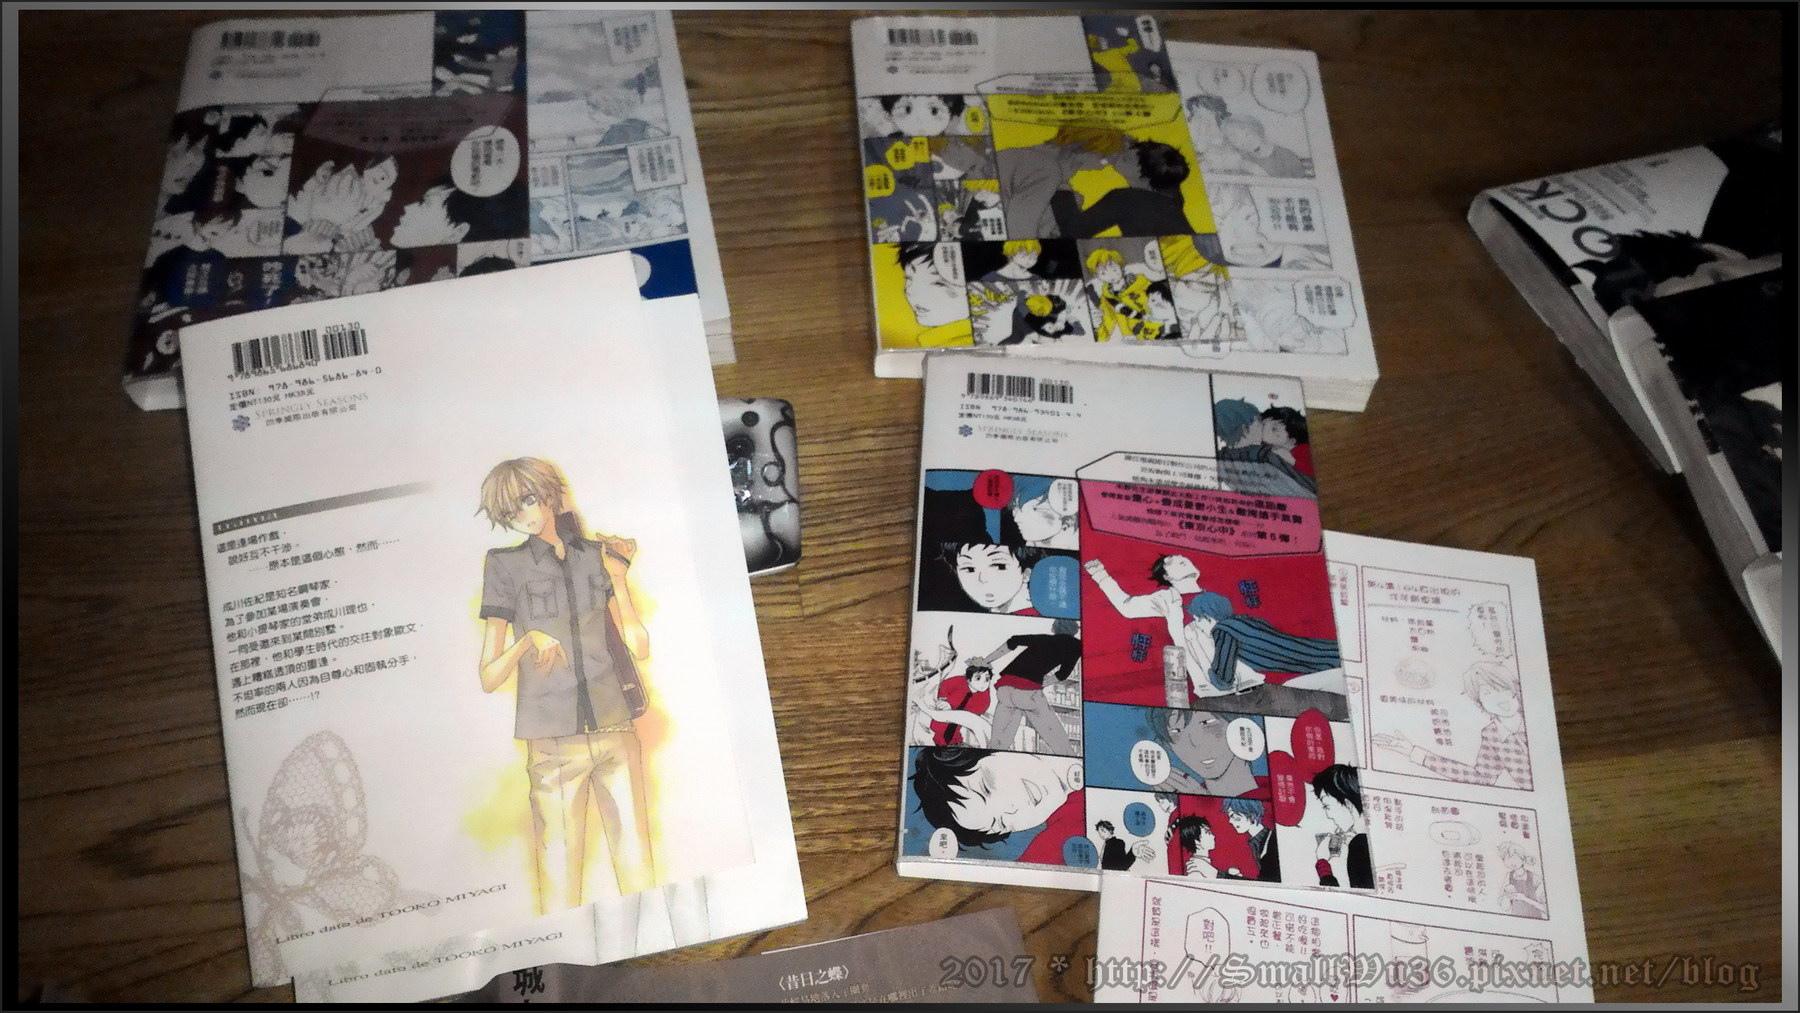 《昔日之蝶》宮城とおこ,2016 四季出版-02.jpg